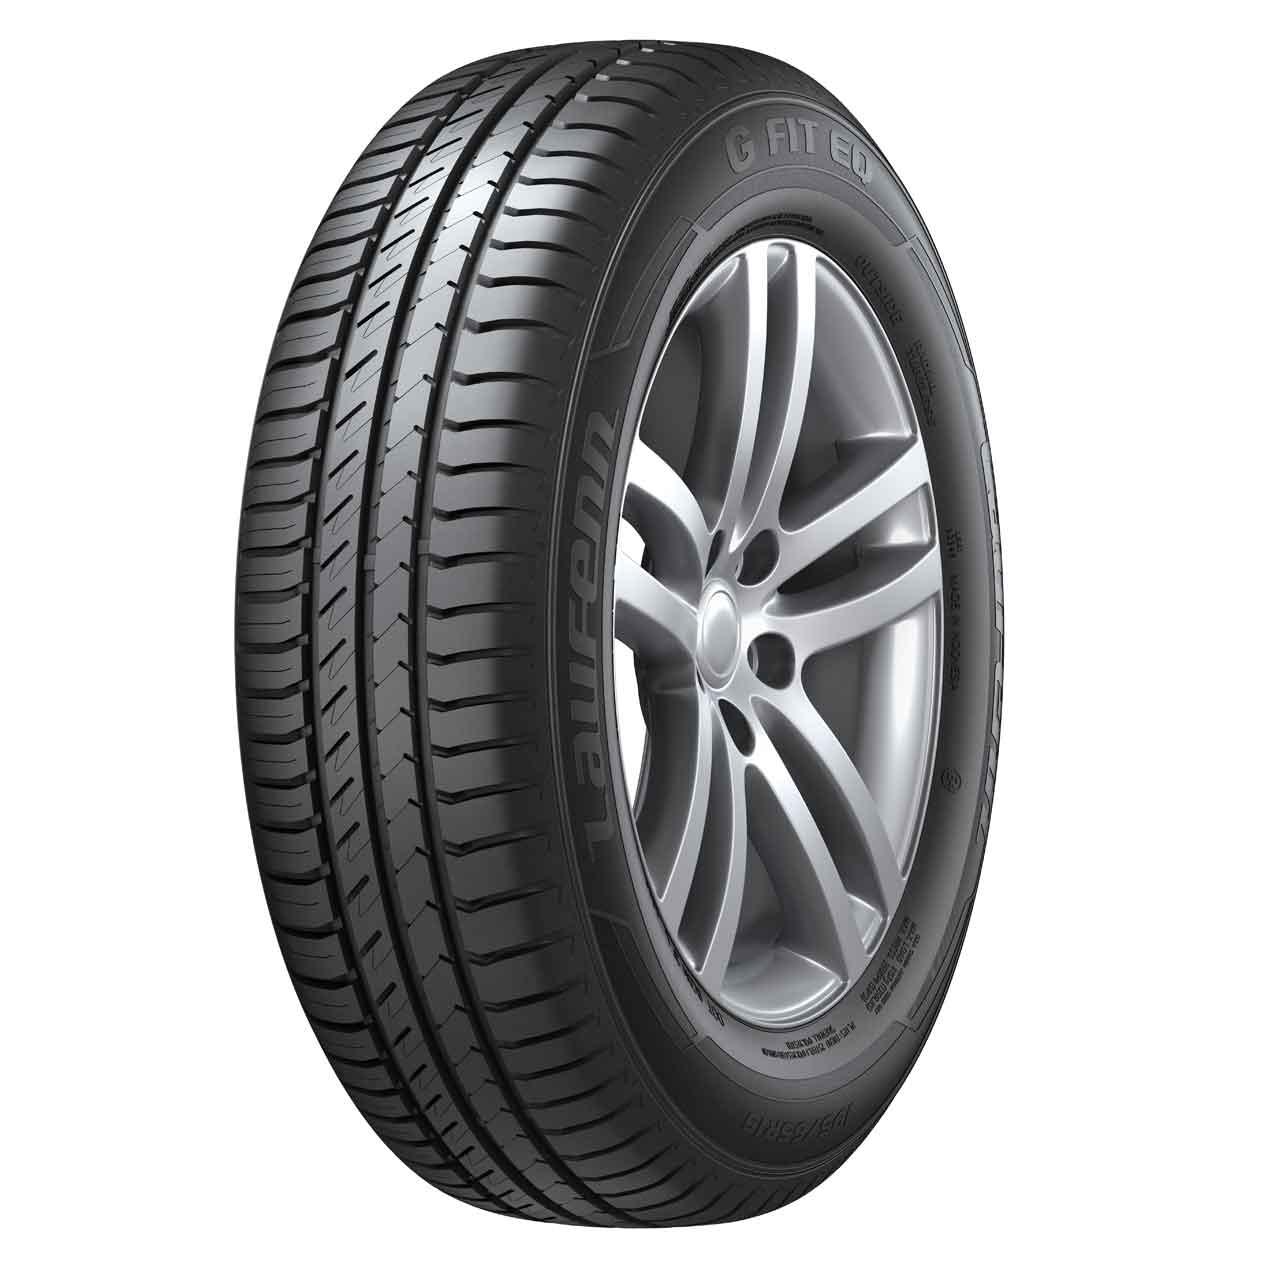 Hankok presenta su nueva marca de neumáticos: Laufenn